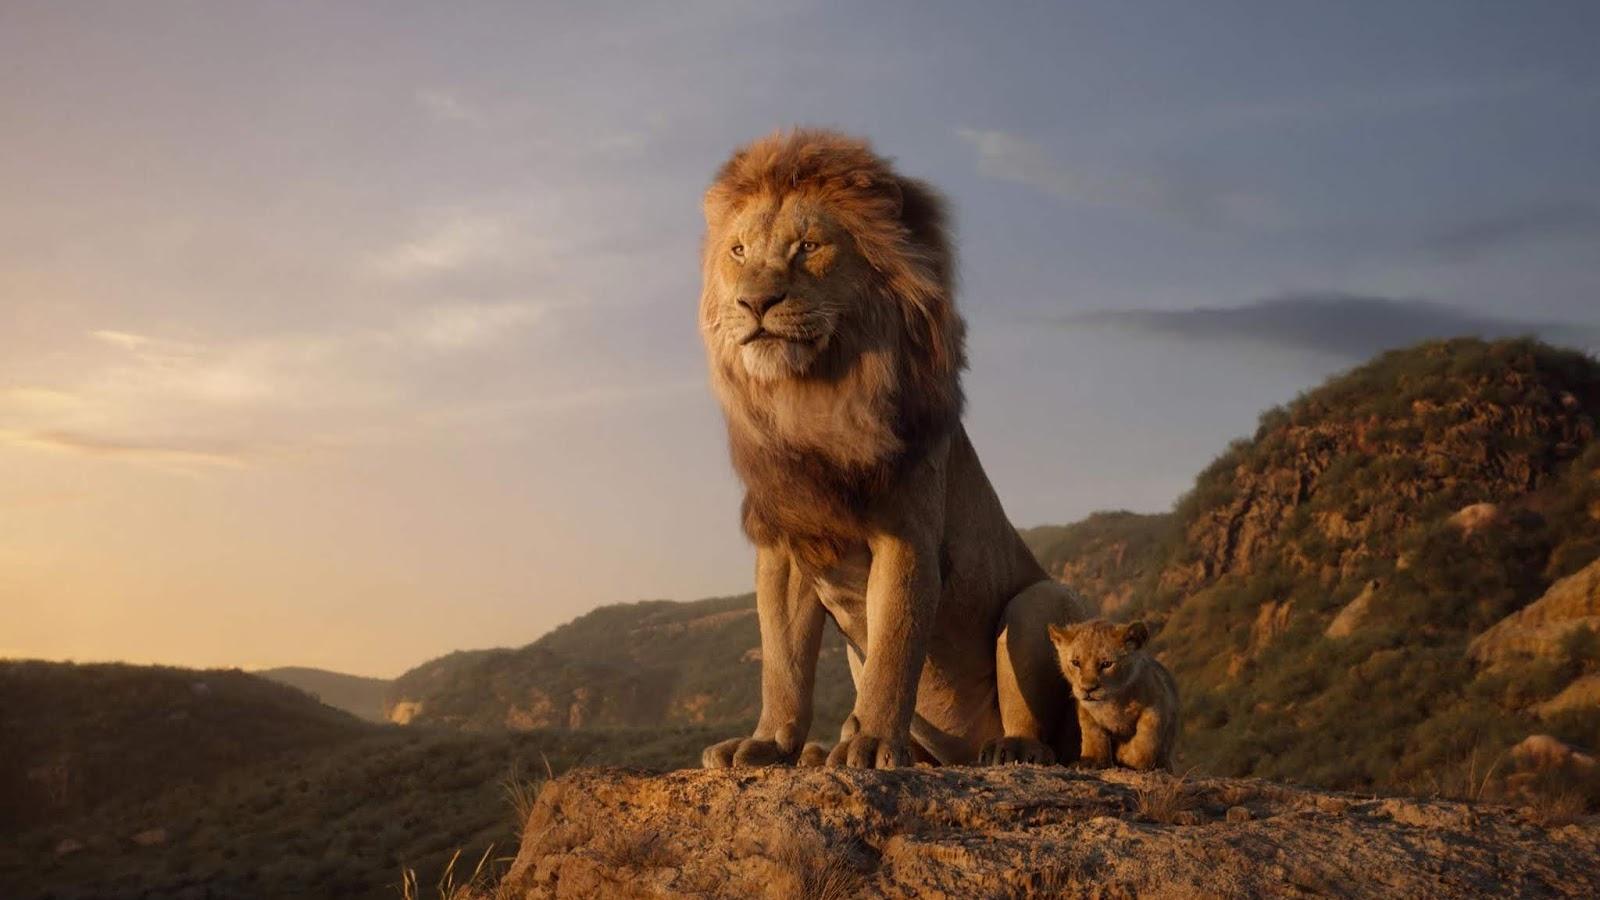 O filme sequer chegou aos cinemas, mas mostra um potencial gráfico jamais visto em seus trailers.